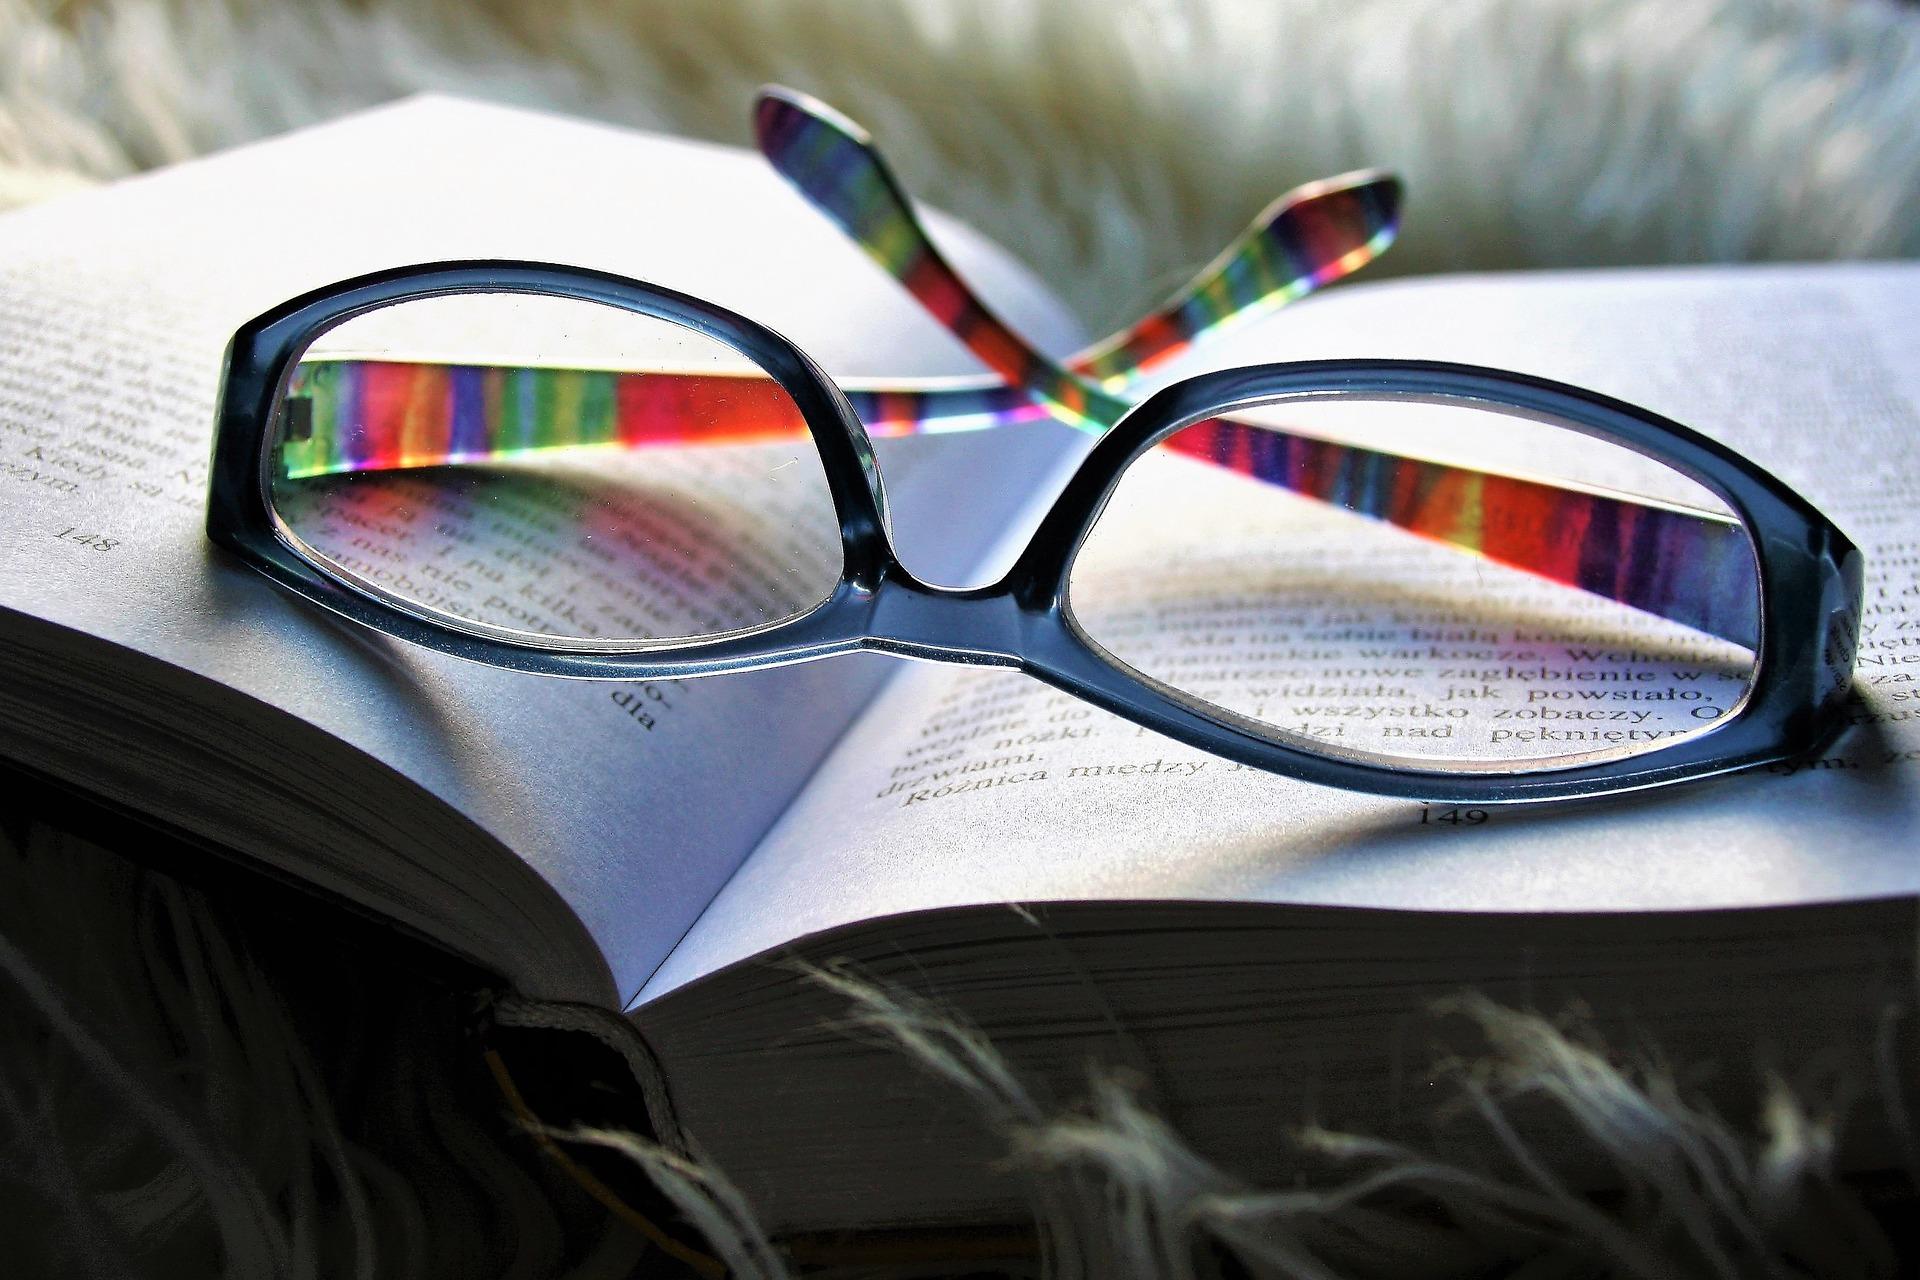 Jij ook een nieuwe bril?